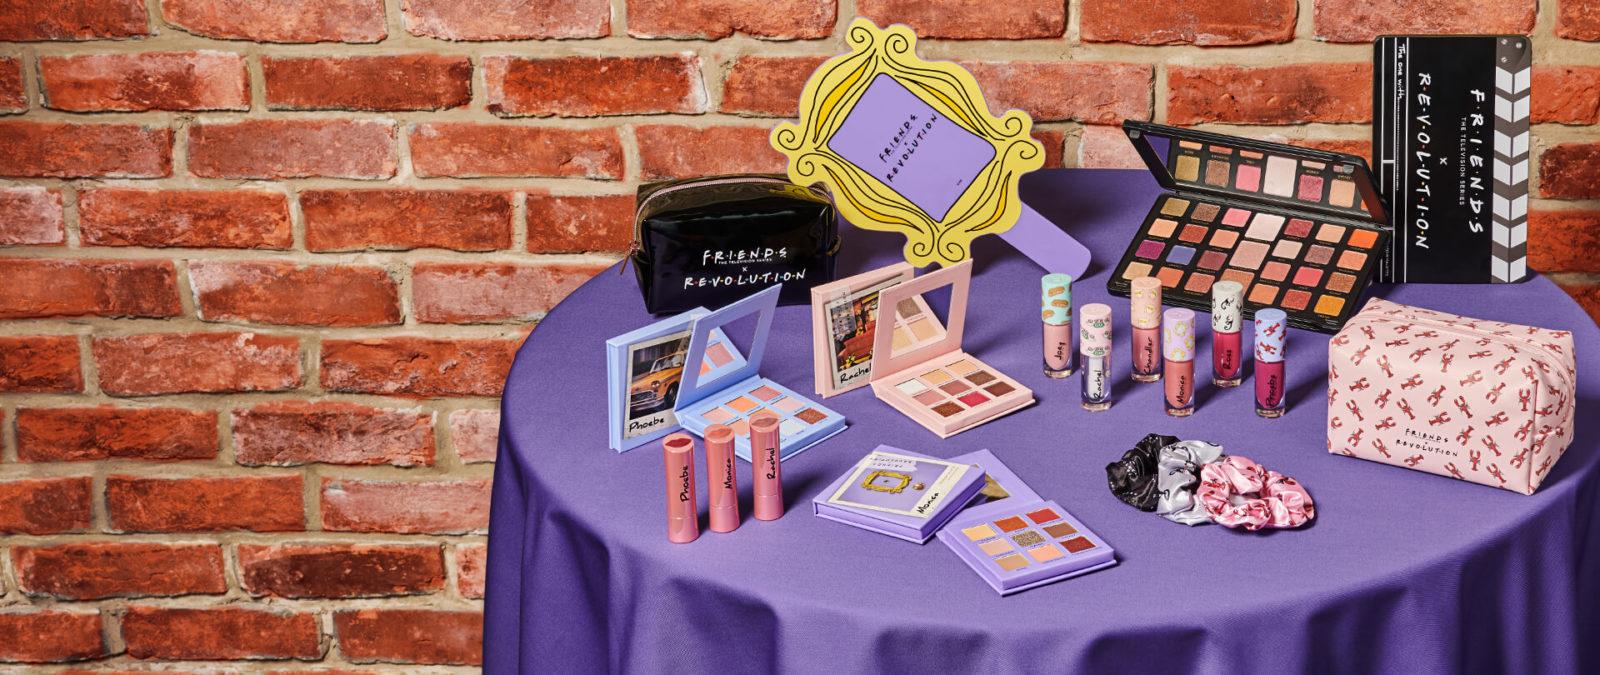 kosmetyki revolution